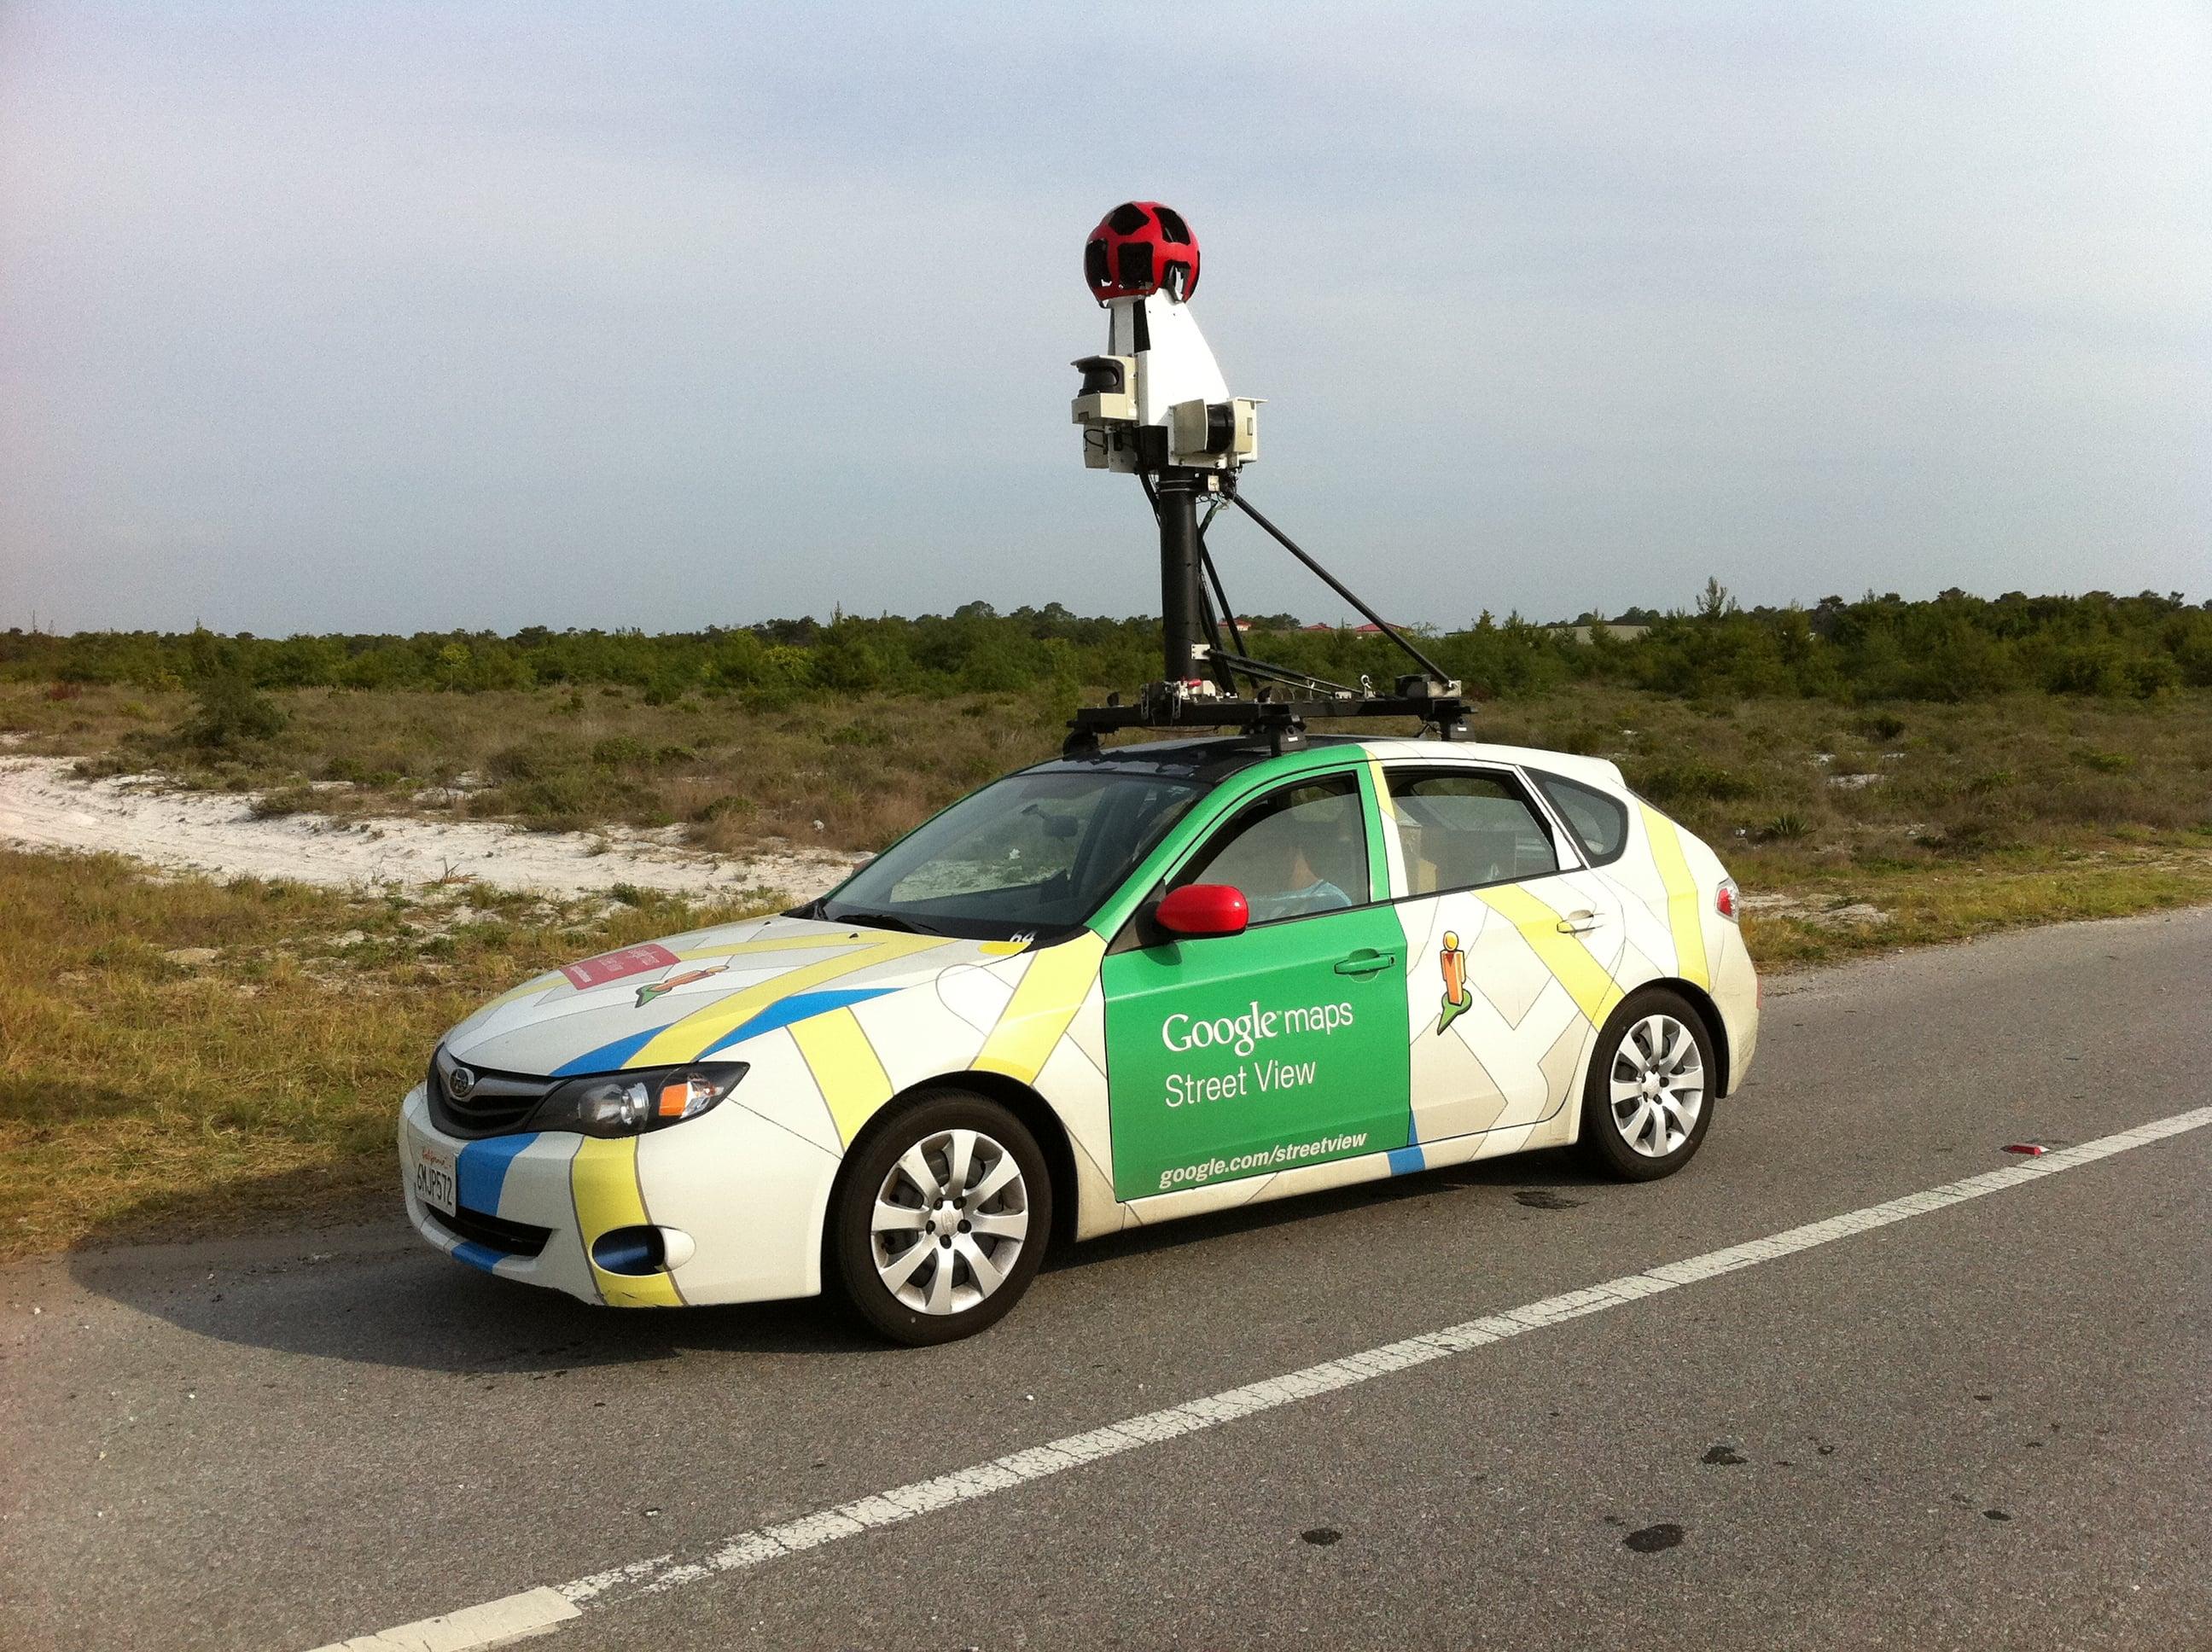 Zobaczcie, ile procent globu można podejrzeć w Street View 18